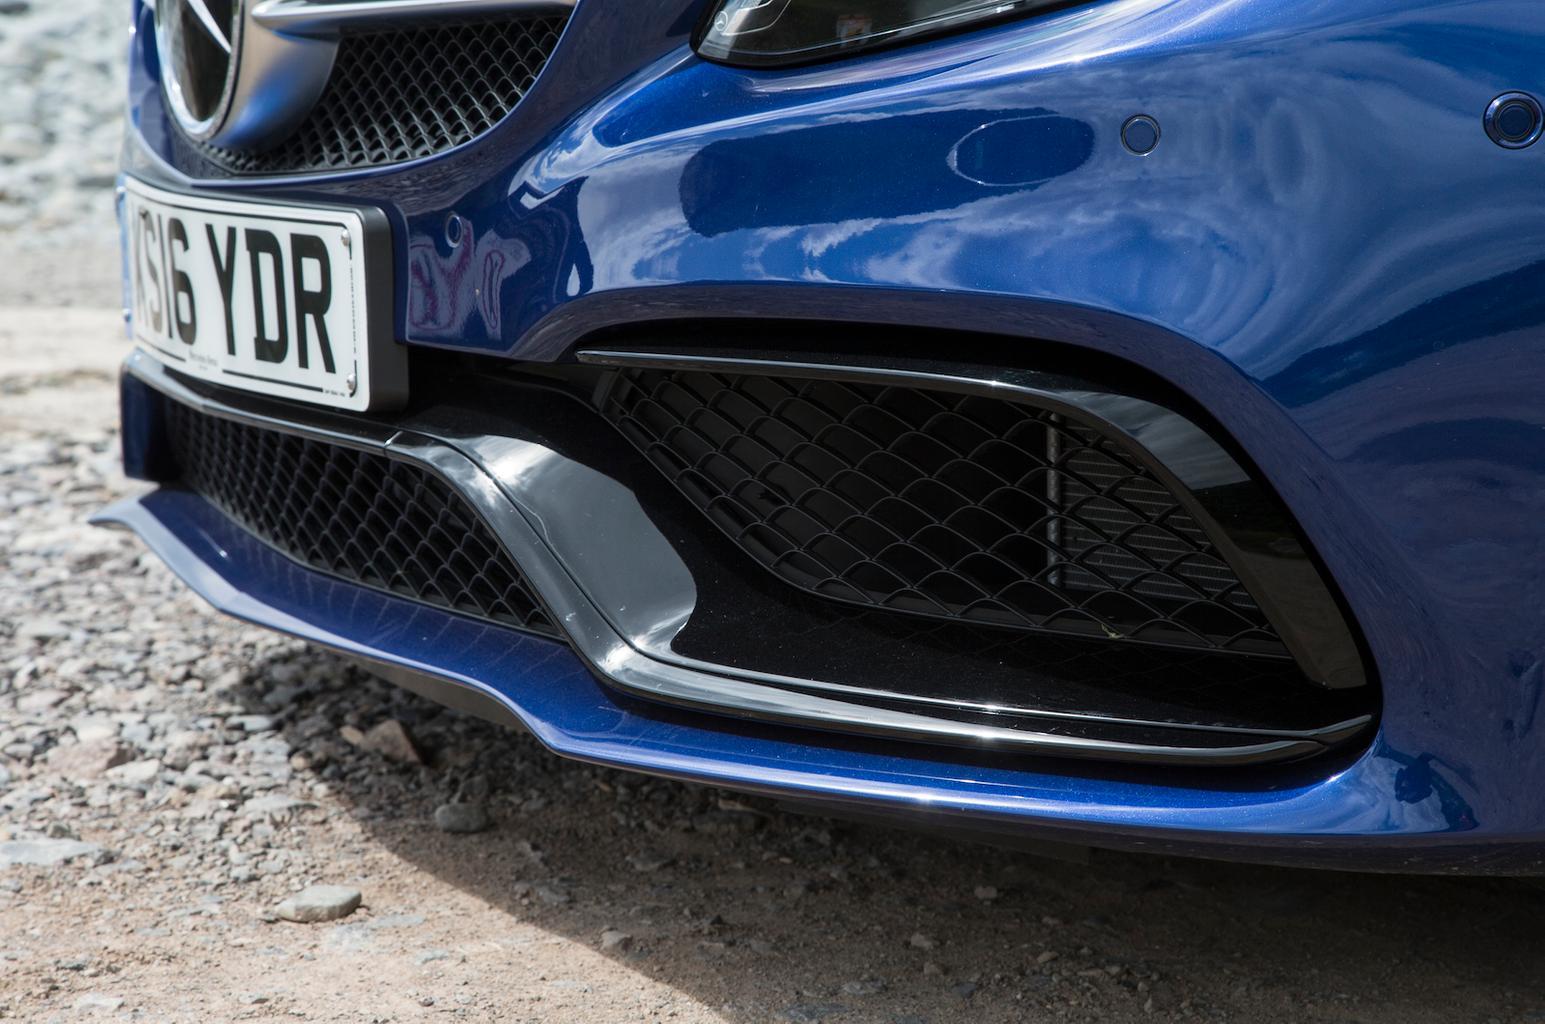 2016 Mercedes-AMG C 63 S Coupé review